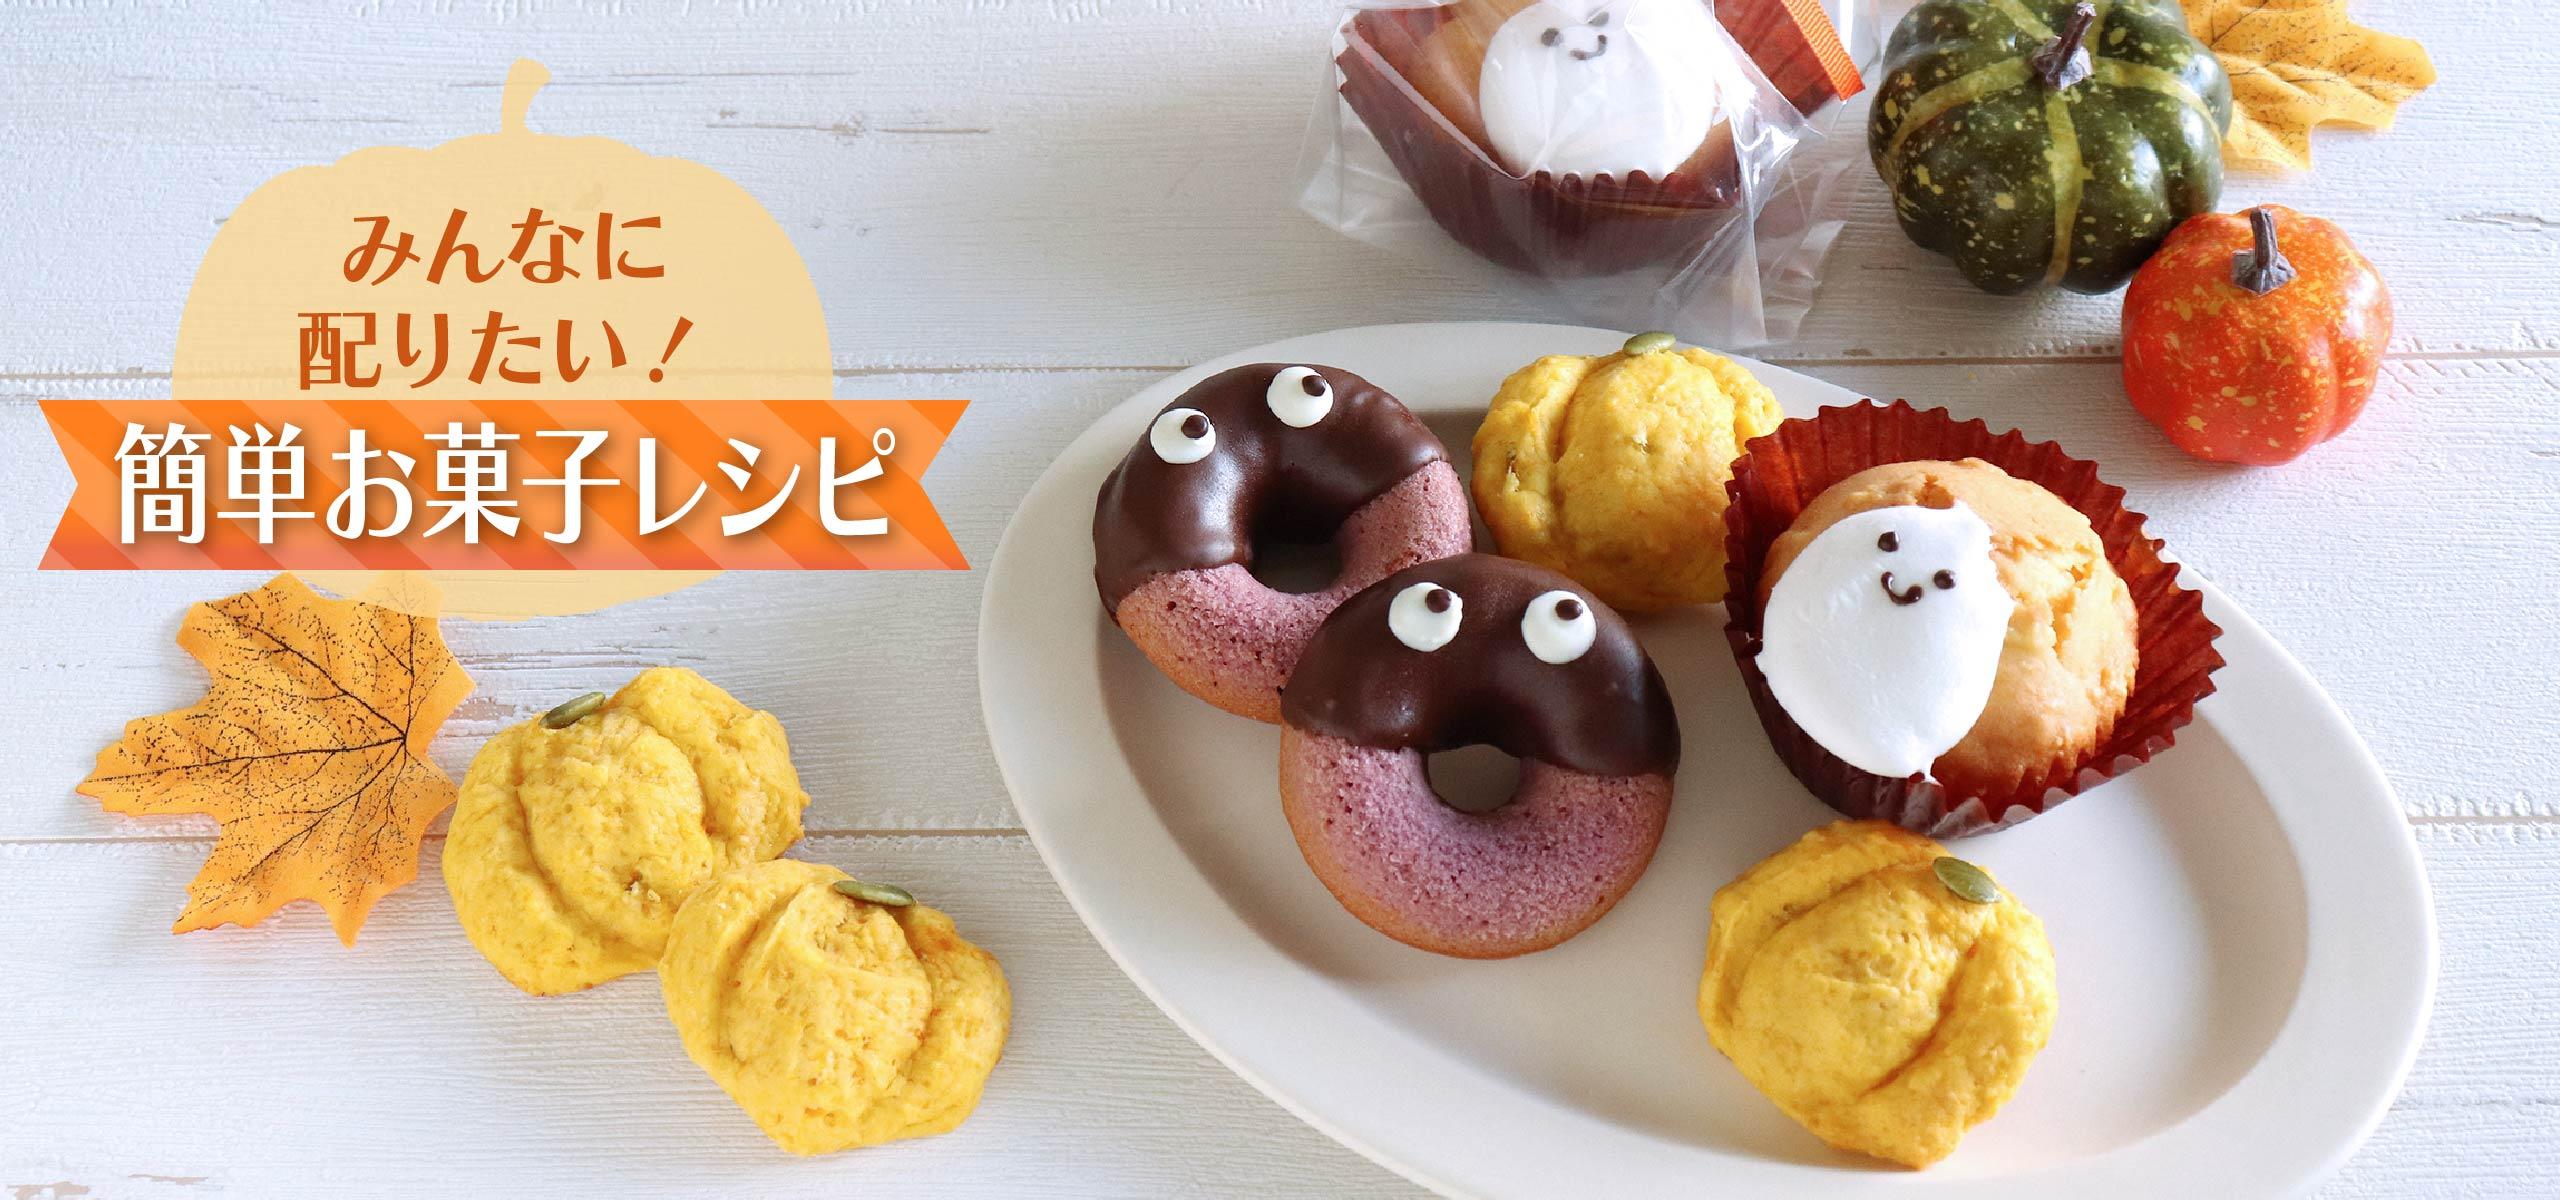 みんなに配りたい!簡単お菓子レシピ